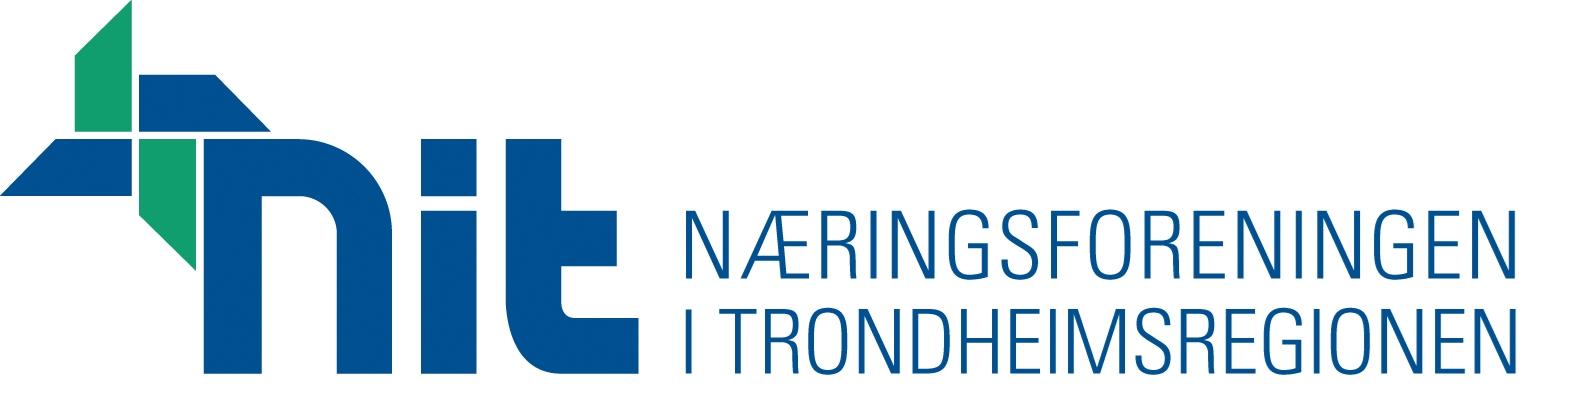 LogoNiT_liggende_norsk